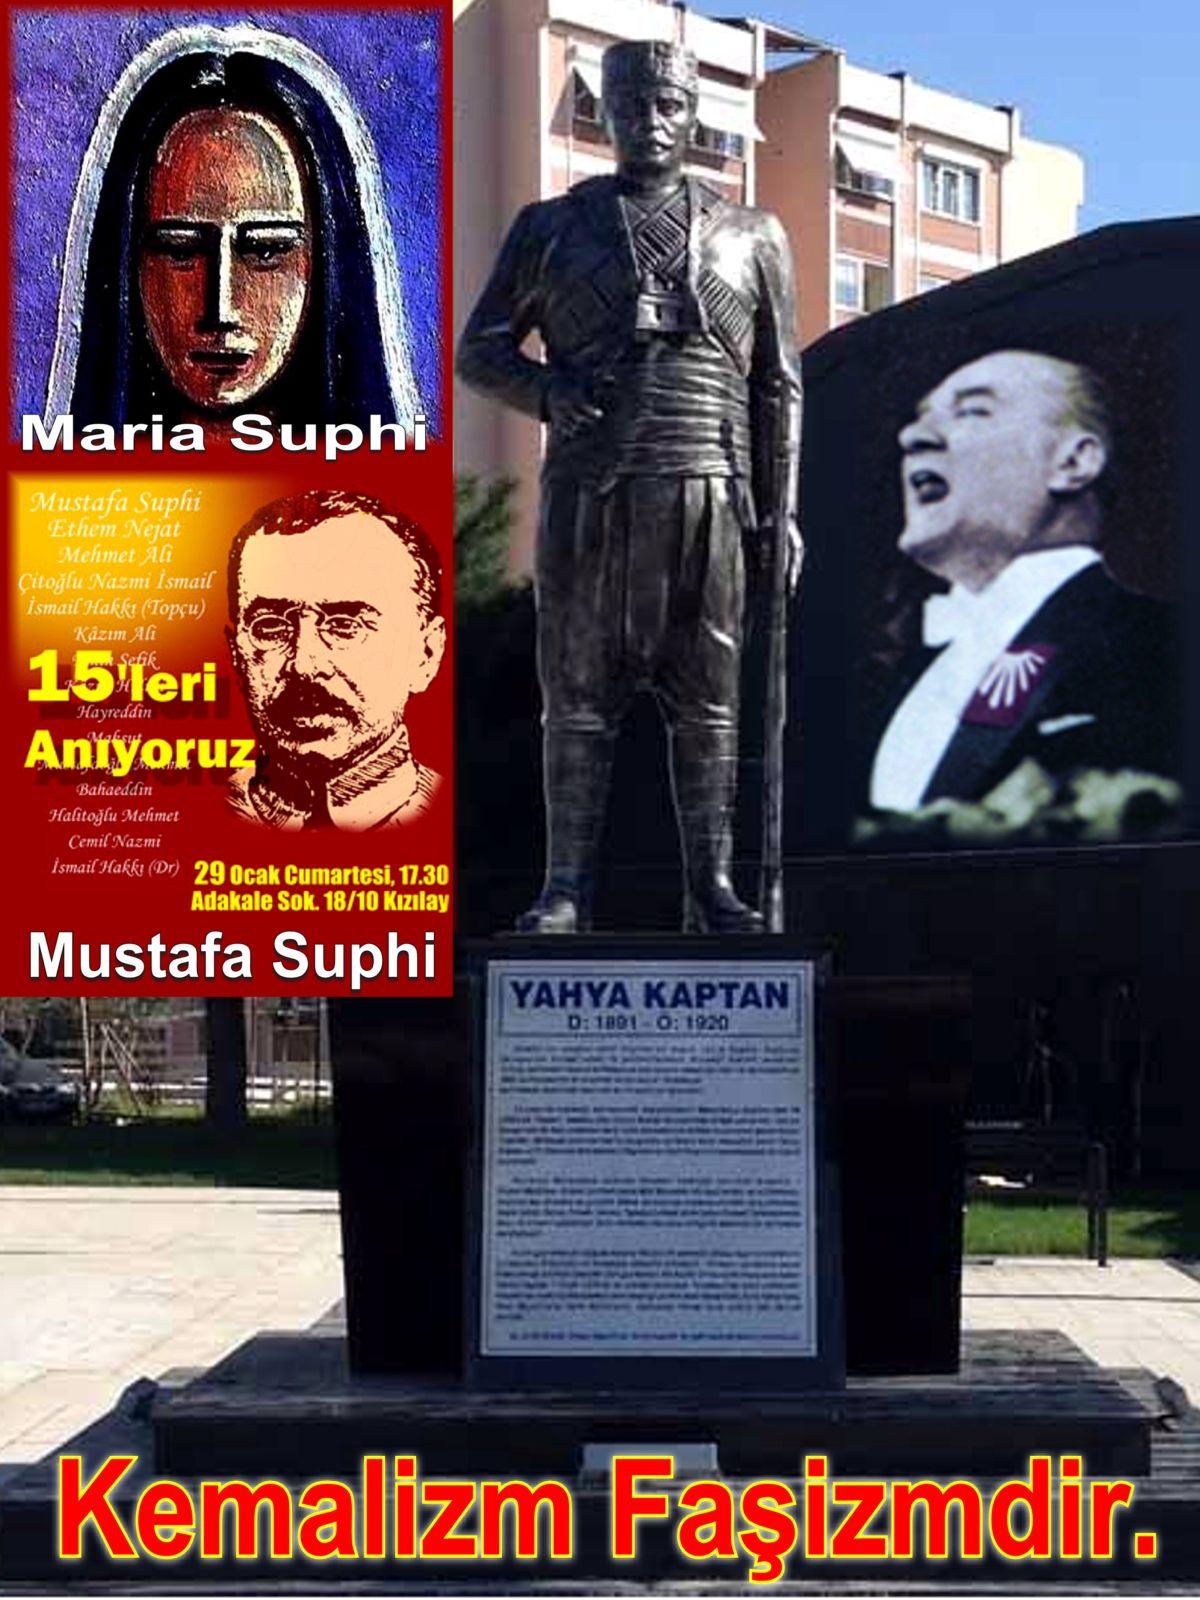 Devrimci Aleviler Birliği DAB Alevi Kızılbaş Bektaşi pir sultan cem hz Ali 12 imam semah Feramuz Şah Acar yahyakaptan kemalizm maria